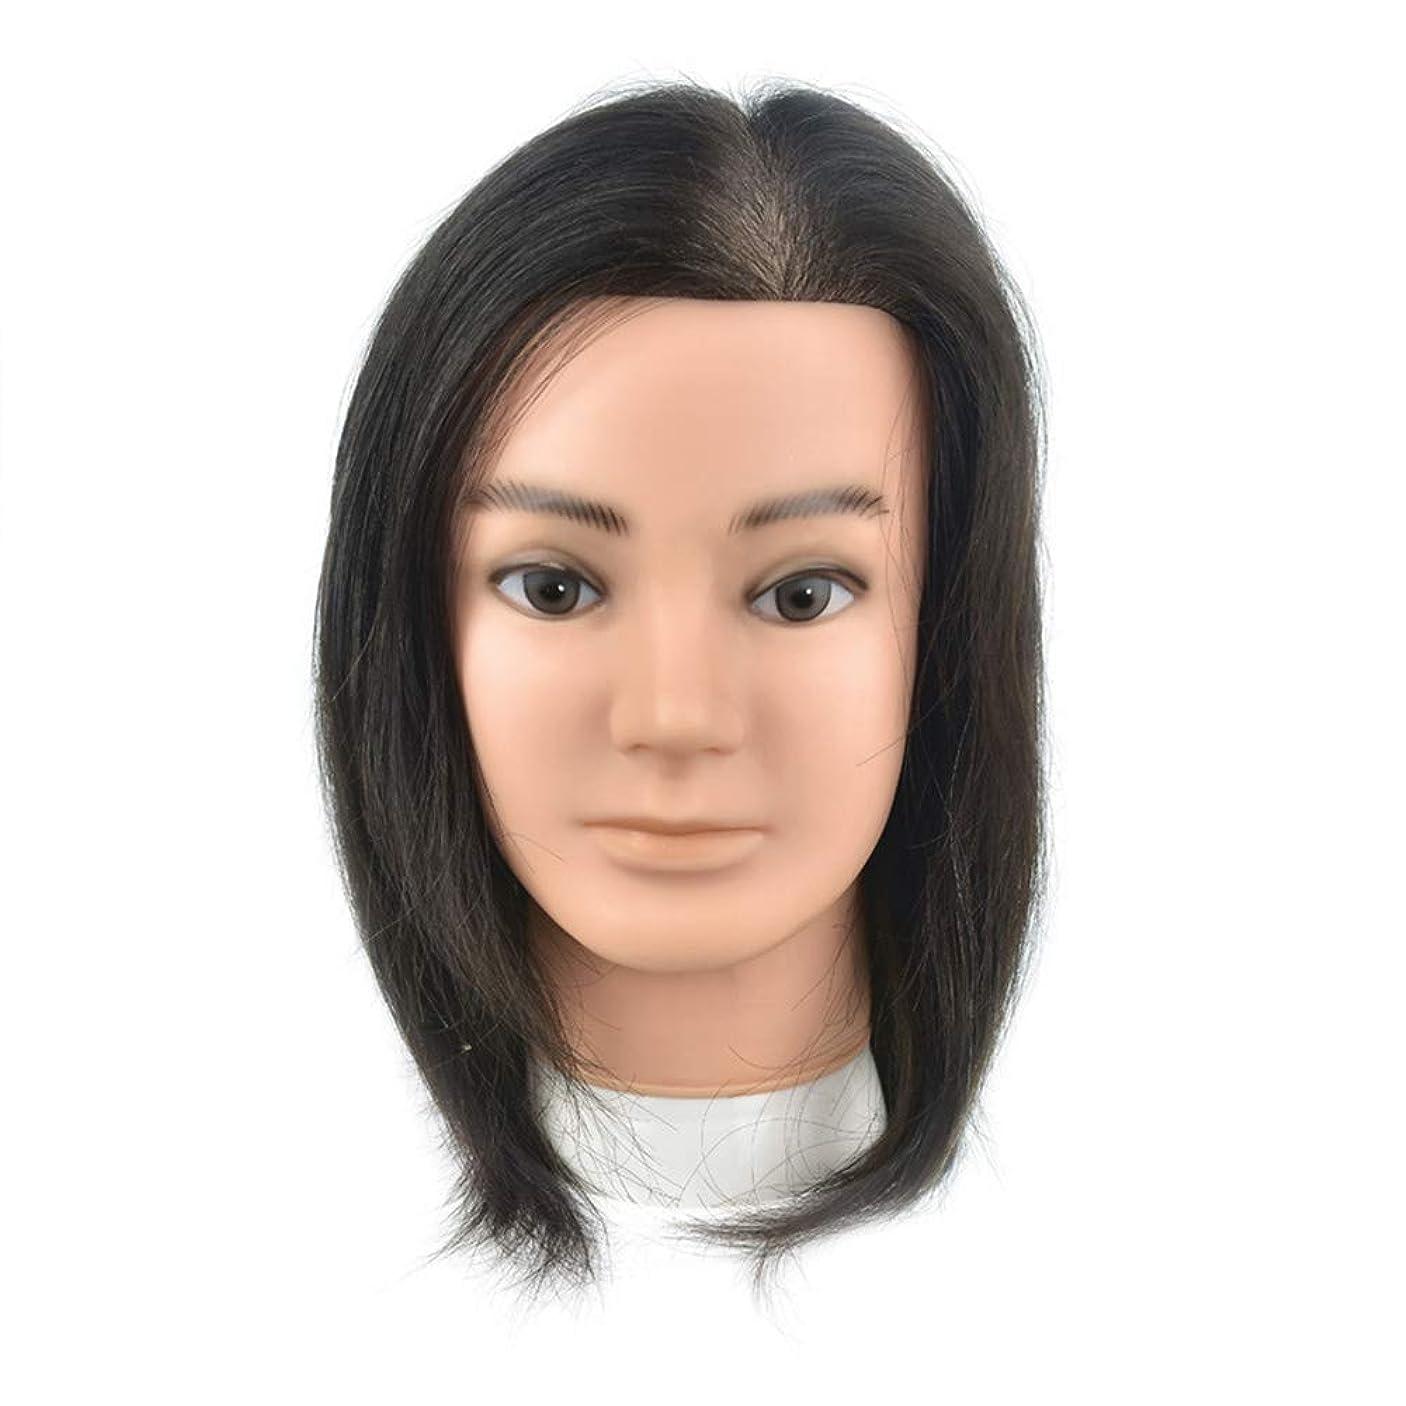 そばに配管フローリアルヘアスタイリングマネキンヘッド女性ヘッドモデル教育ヘッド理髪店編組ヘア染色学習ダミーヘッド